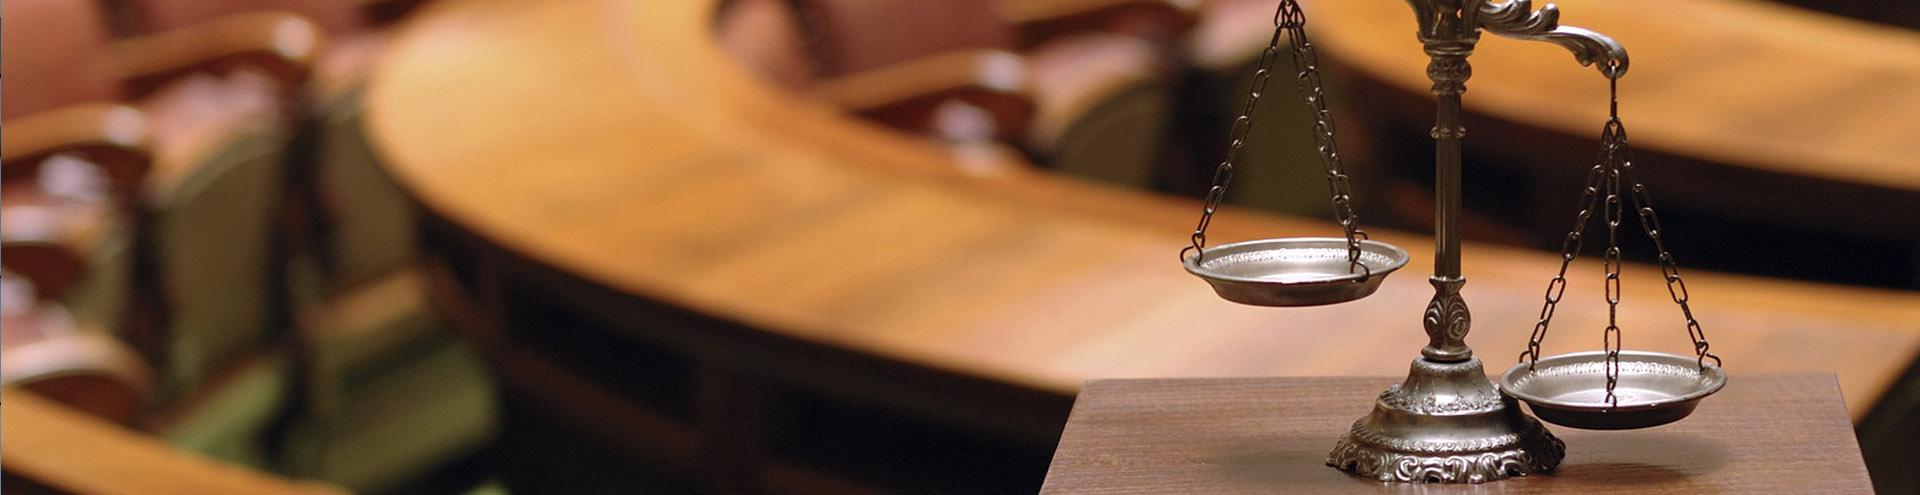 Представительство в арбитражном суде в Чебоксарах и Чувашской Республике